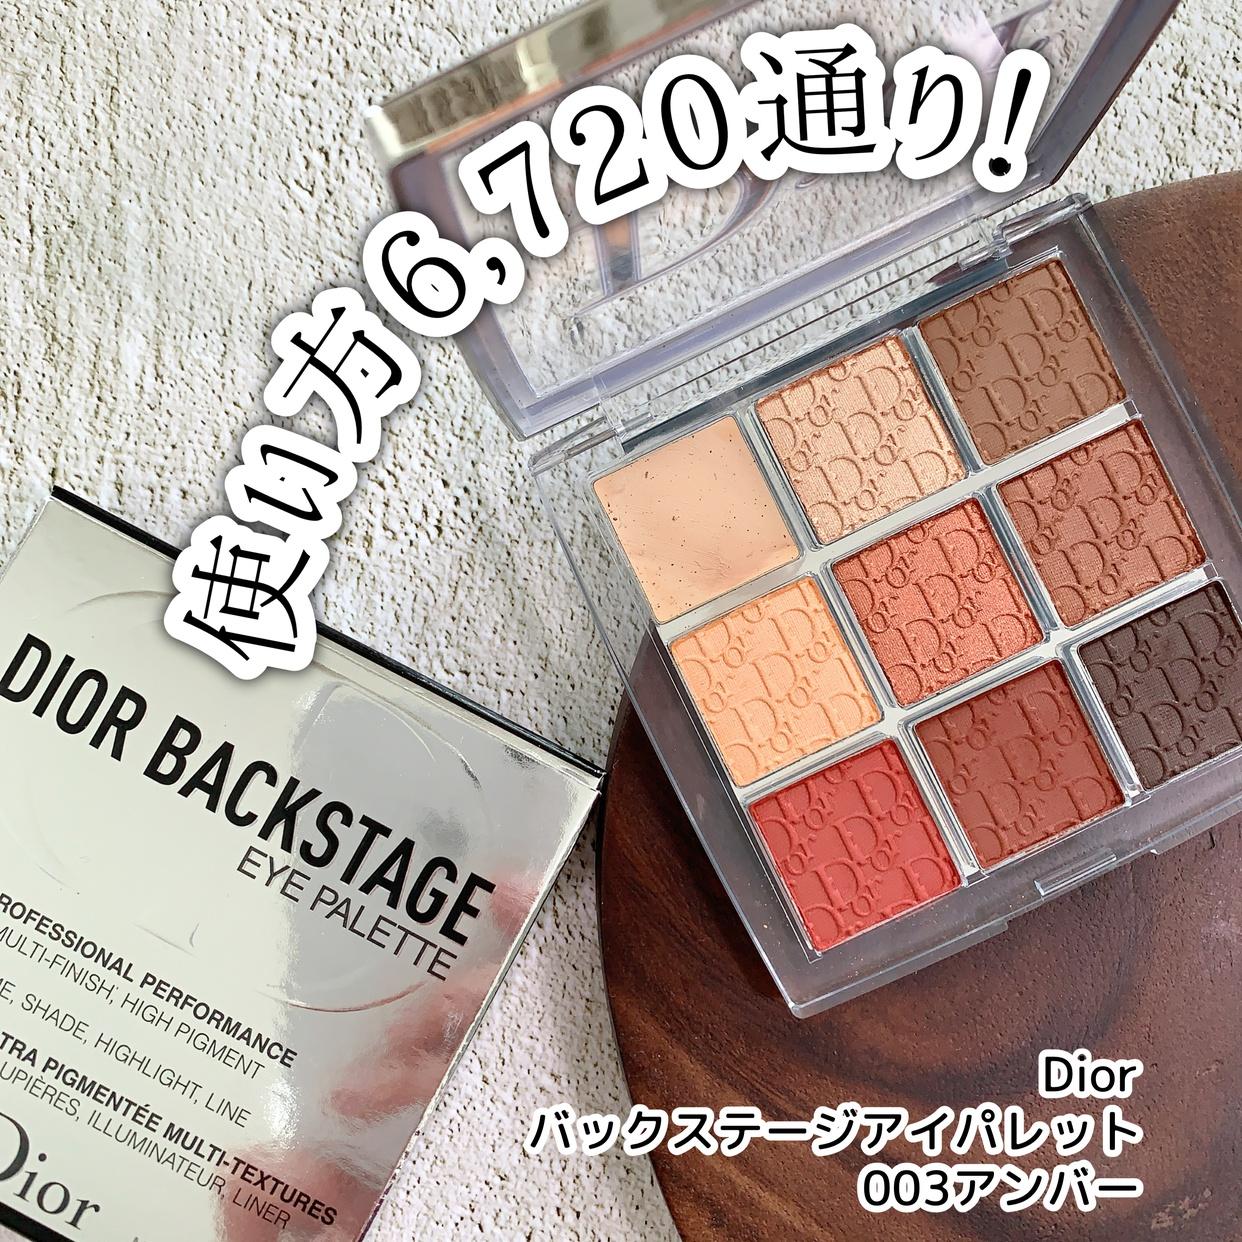 Dior(ディオール) バックステージ アイ パレットを使ったマト子さんのクチコミ画像